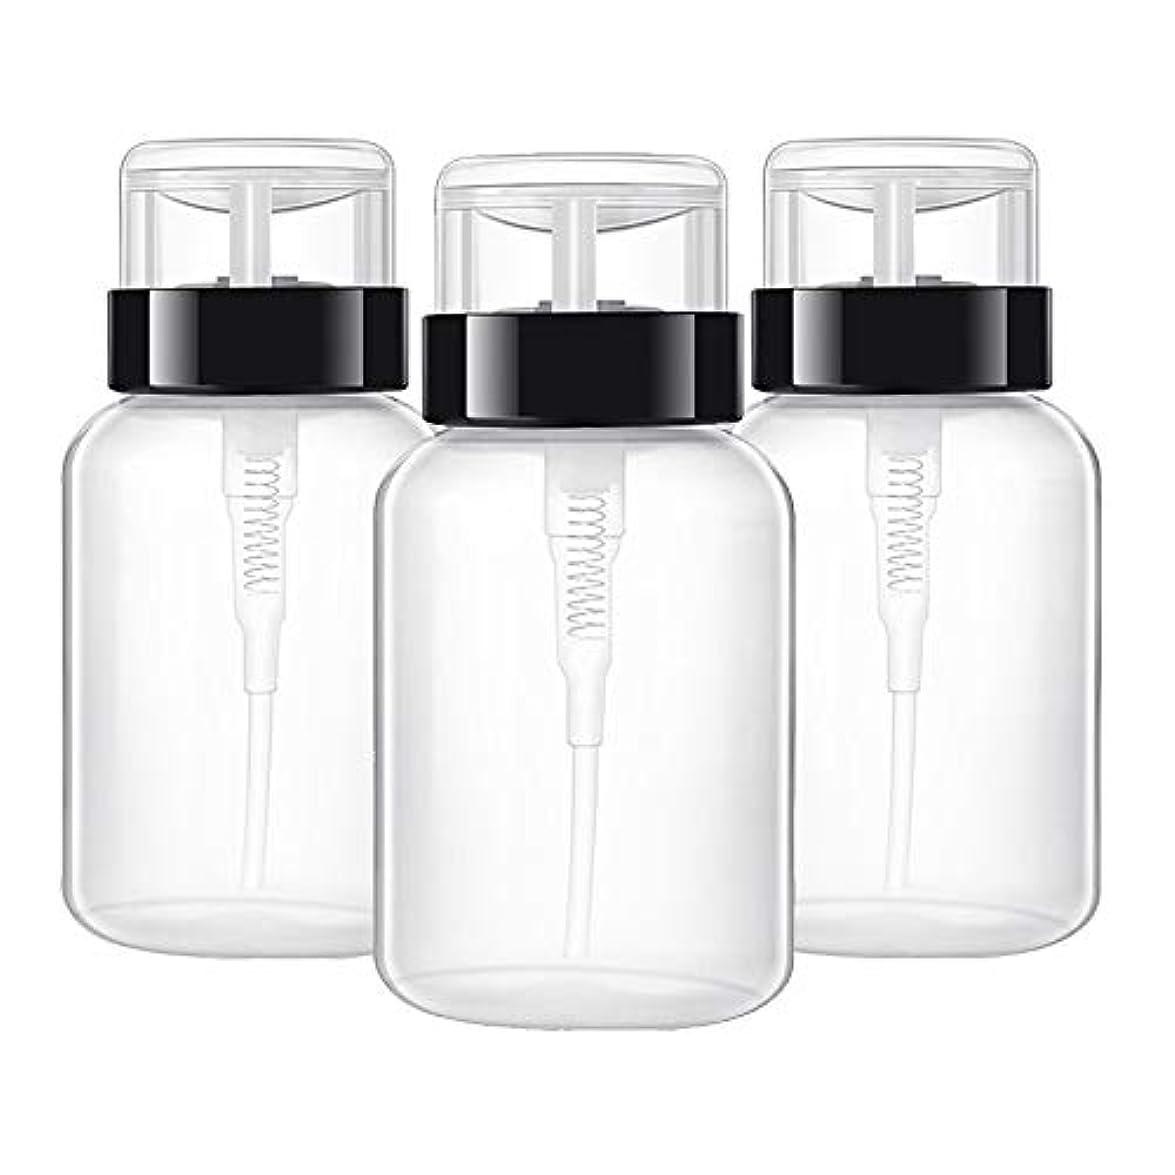 許容できる誘う複製するマニキュアツールツール 空ポンプ ボトル ネイルクリーナーボトル ポンプディスペンサー ジェルクリーナー 200ミリリットル 3ピース